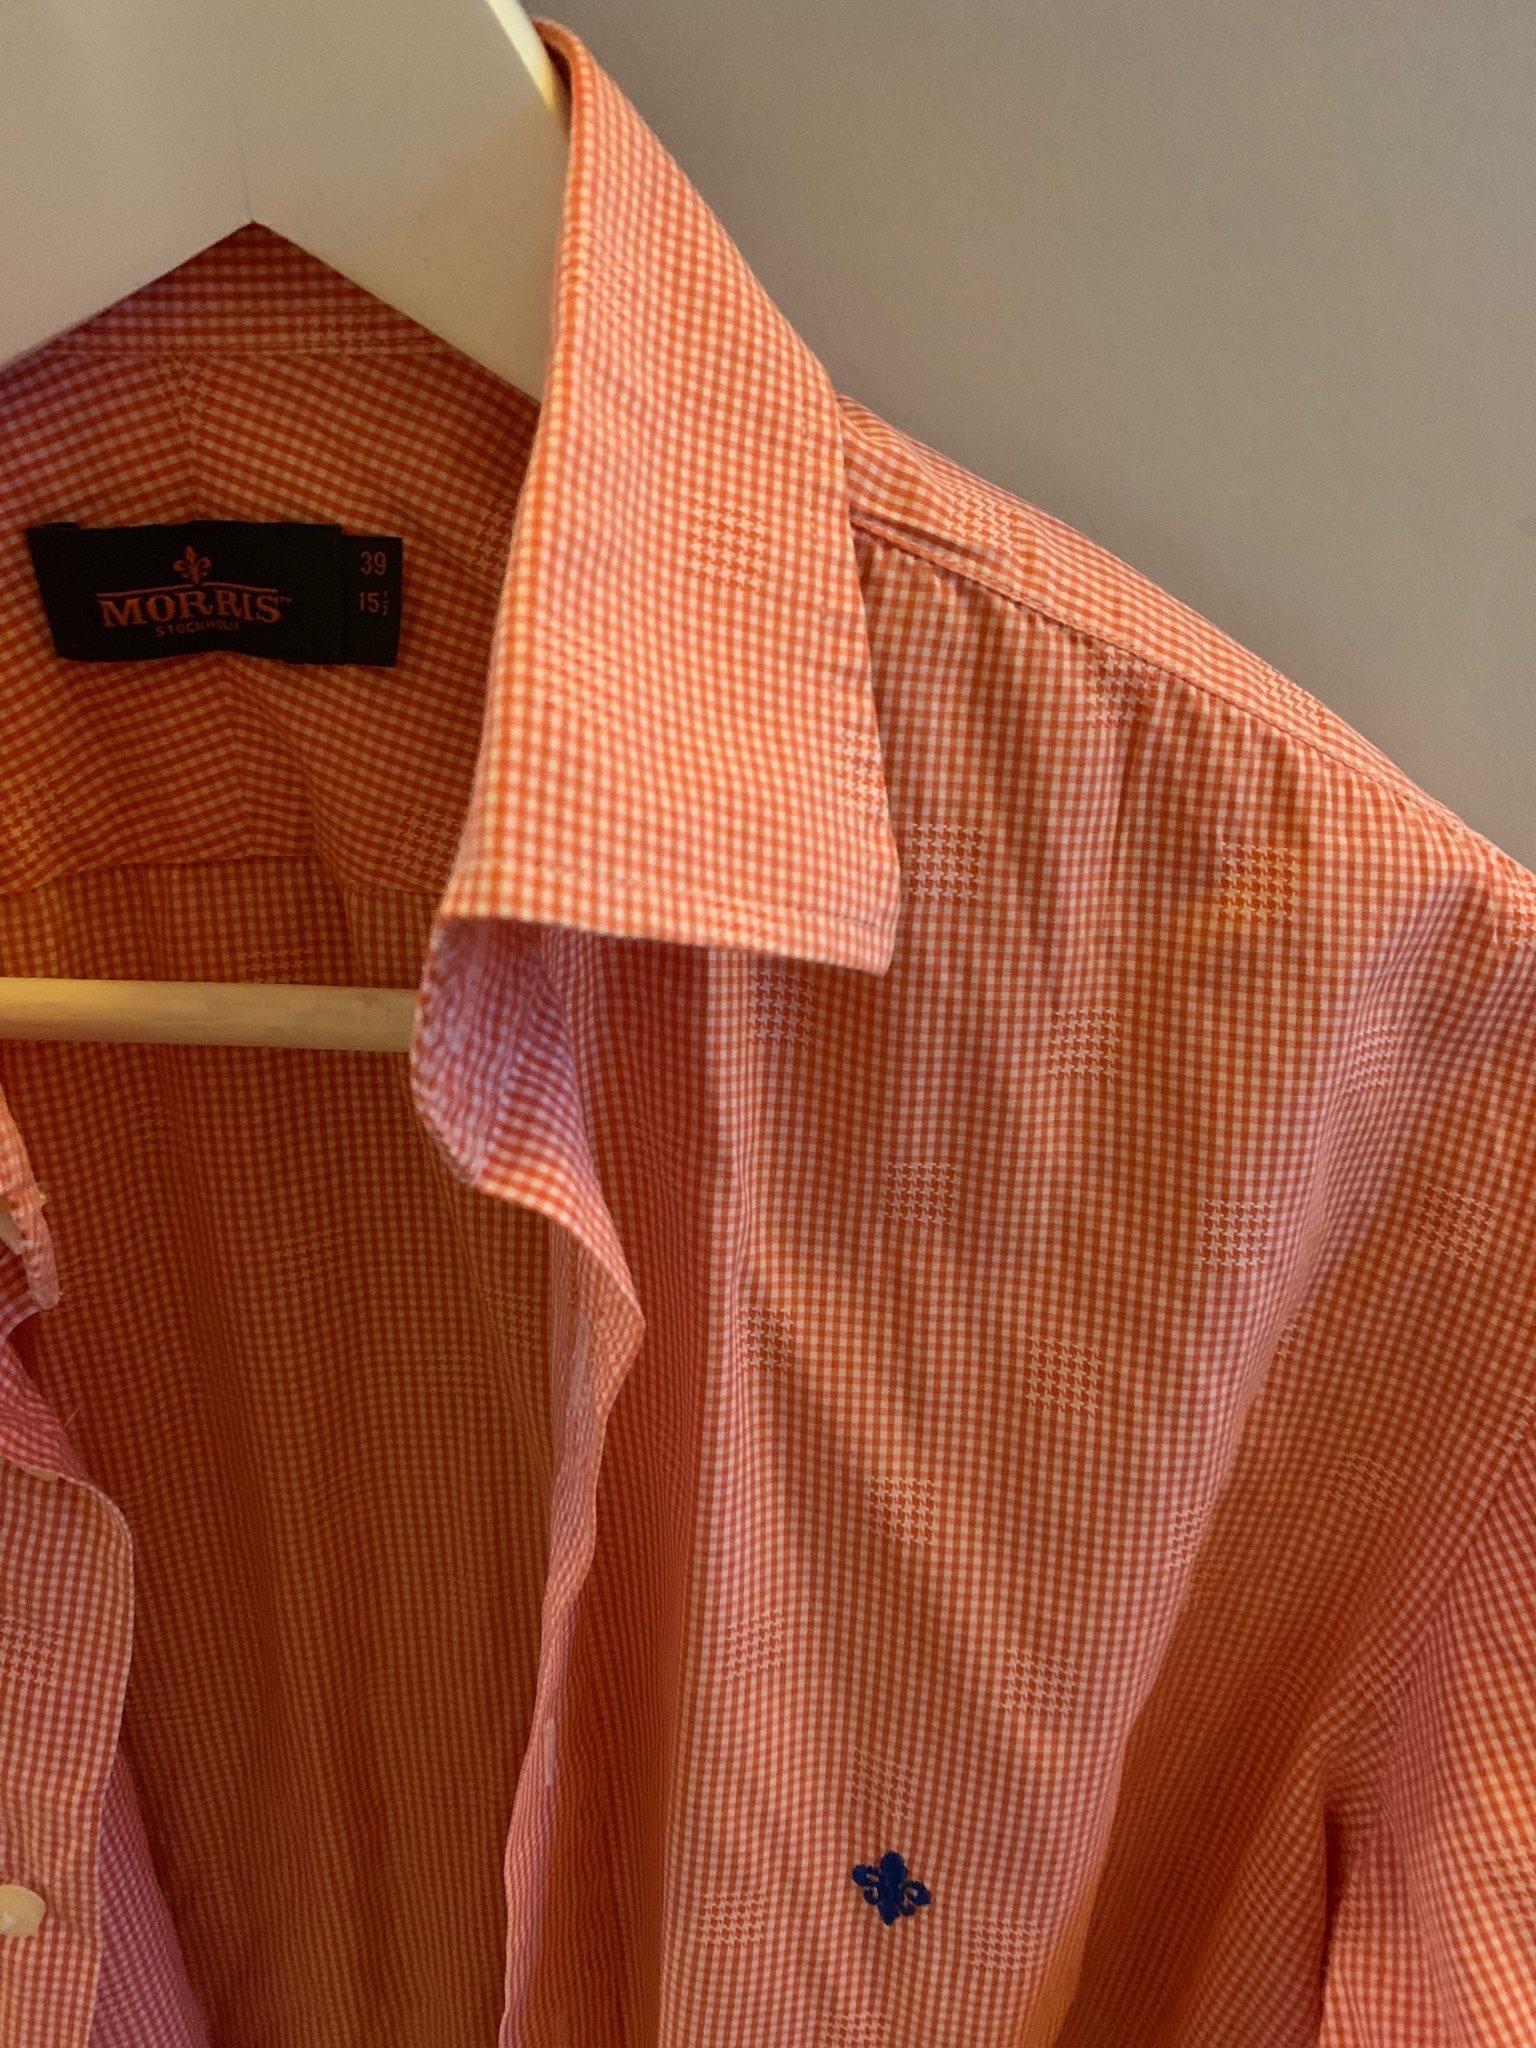 Morris skjorta i storlek 39 (333513654) ᐈ Köp på Tradera 3b65c7bfcd891